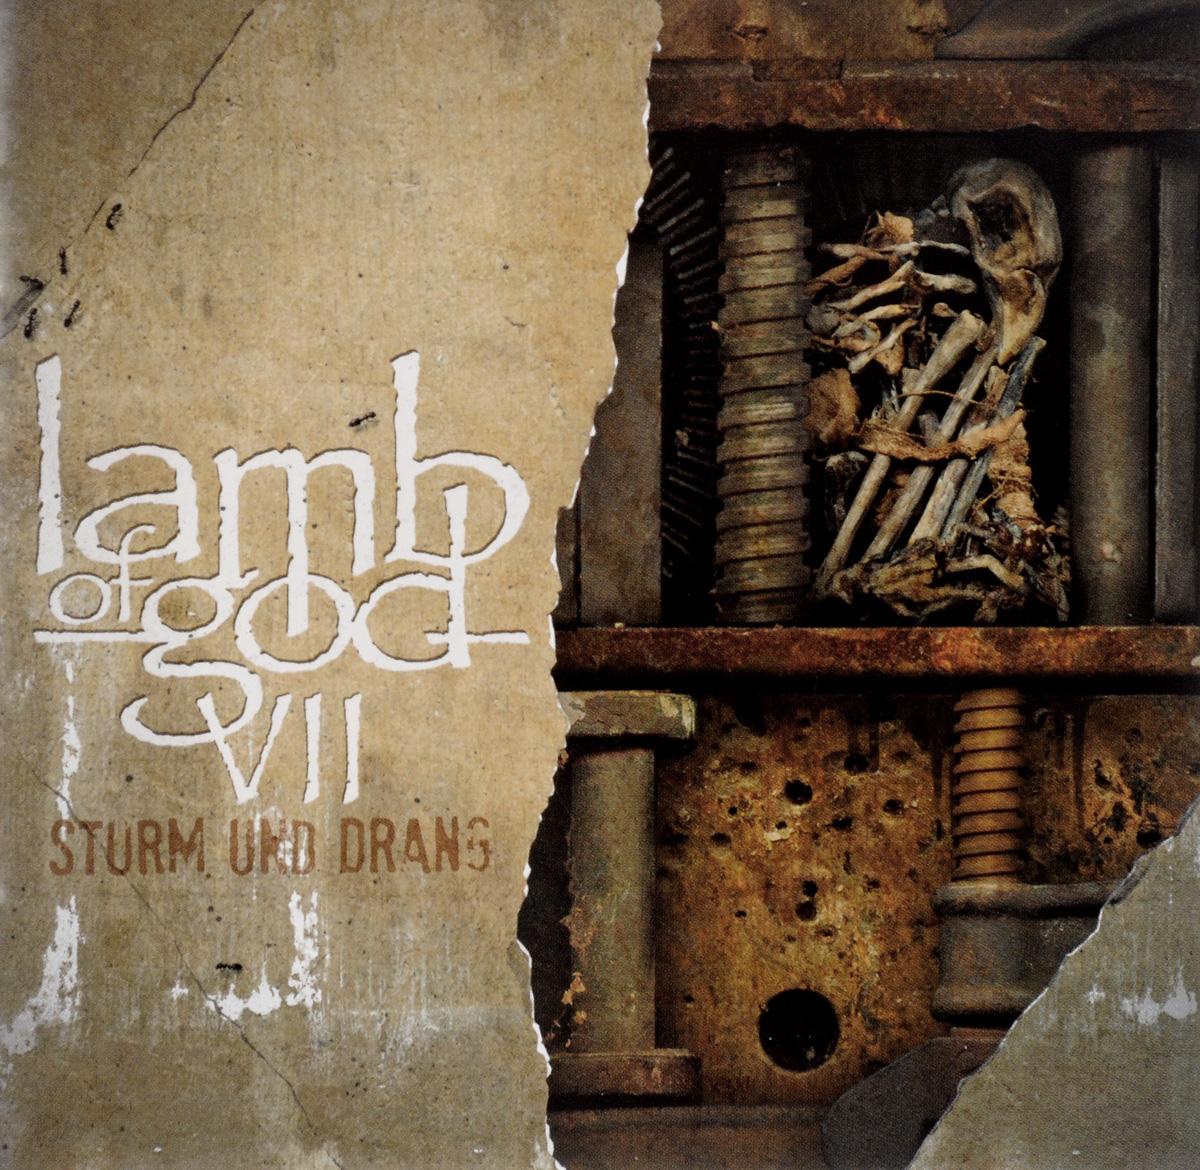 Lamb Of God. VII: Sturm Und Drang erzahlungen aus dem sturm und drang ii